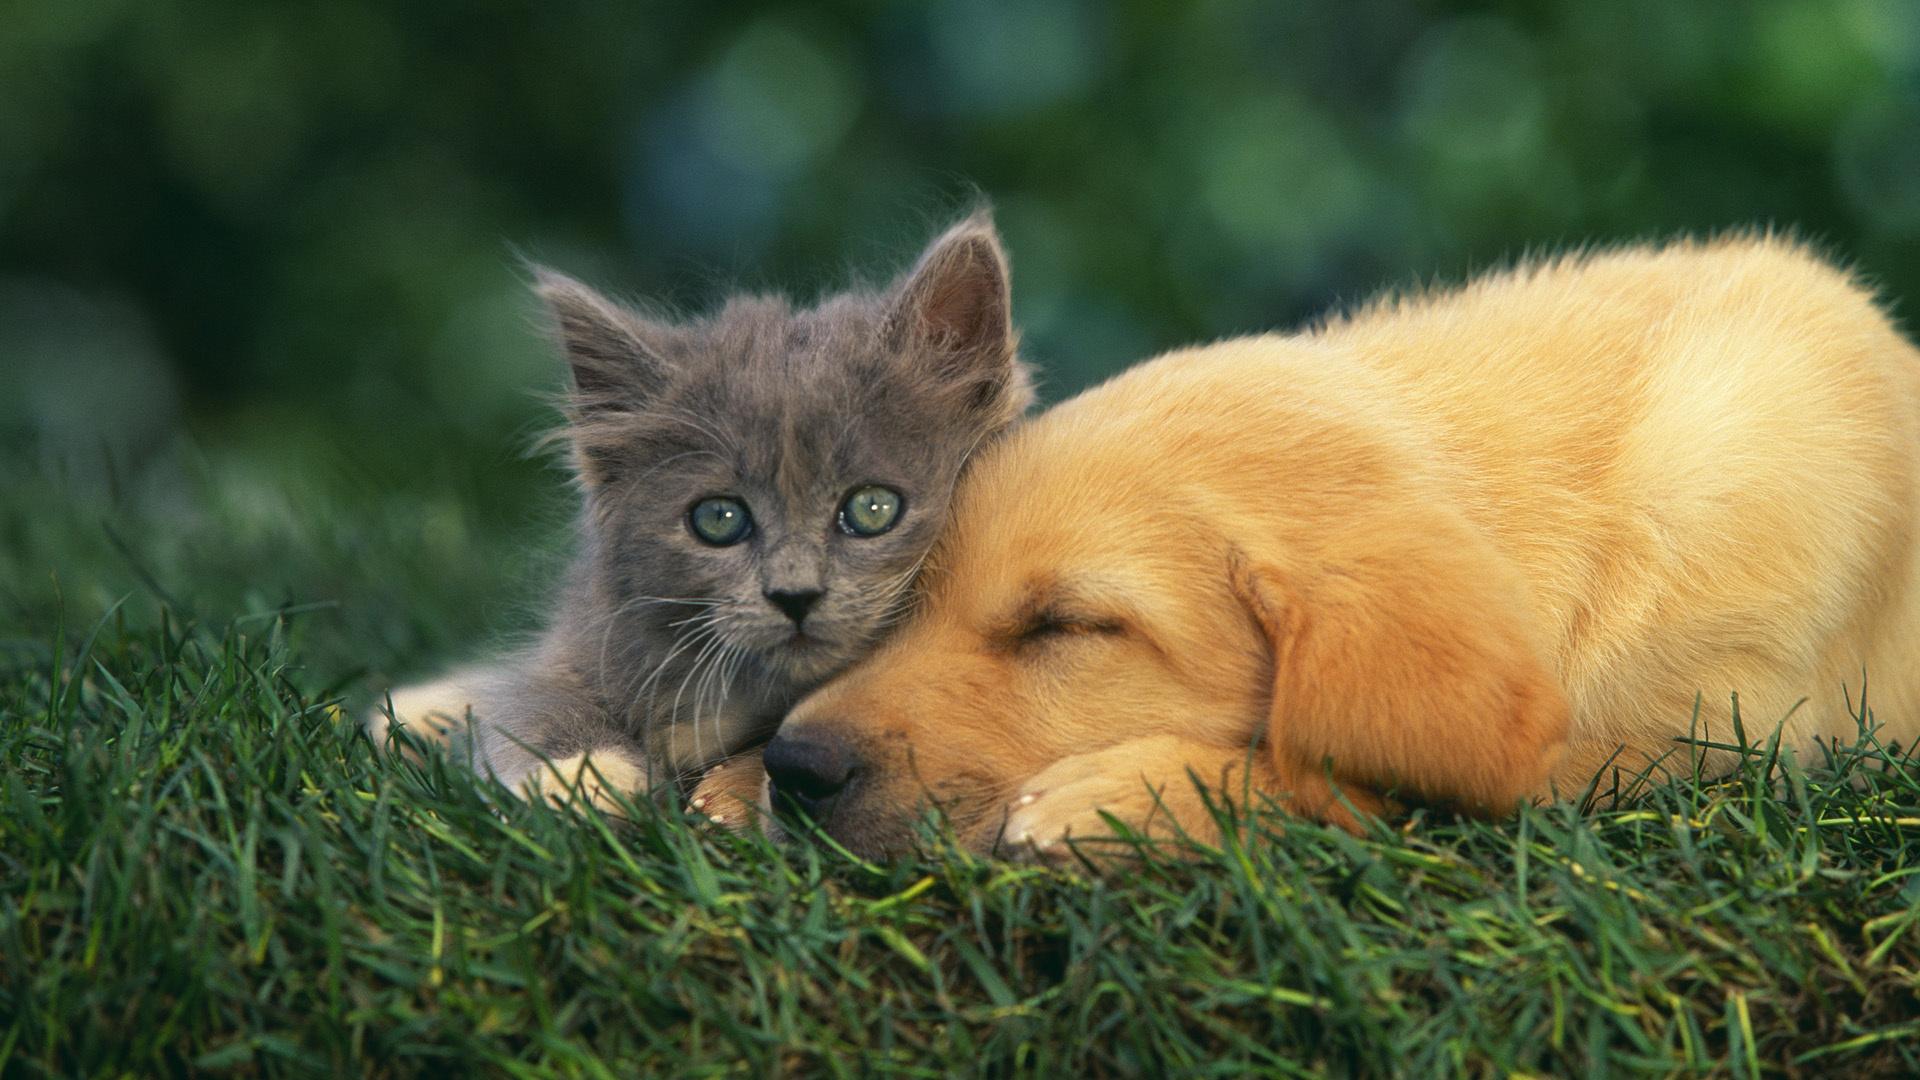 kitty-wallpaper-cat-dog-friends-grass